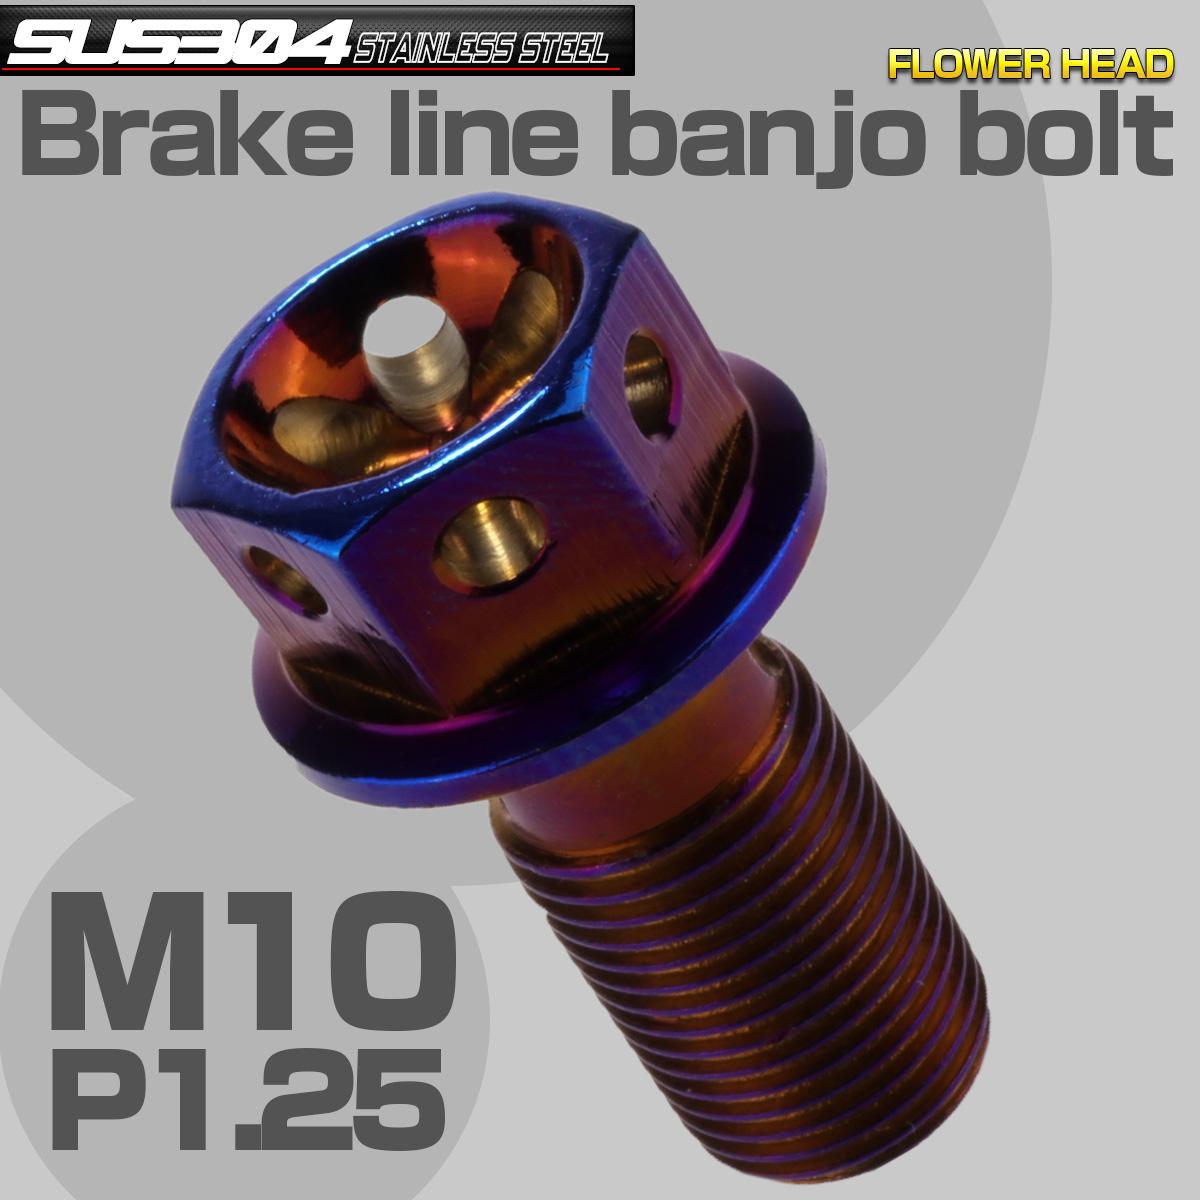 【ネコポス可】 ブレーキ バンジョーボルト M10 P1.25 SUS304 ステンレス製 フラワーヘッド 焼きチタン TH0214